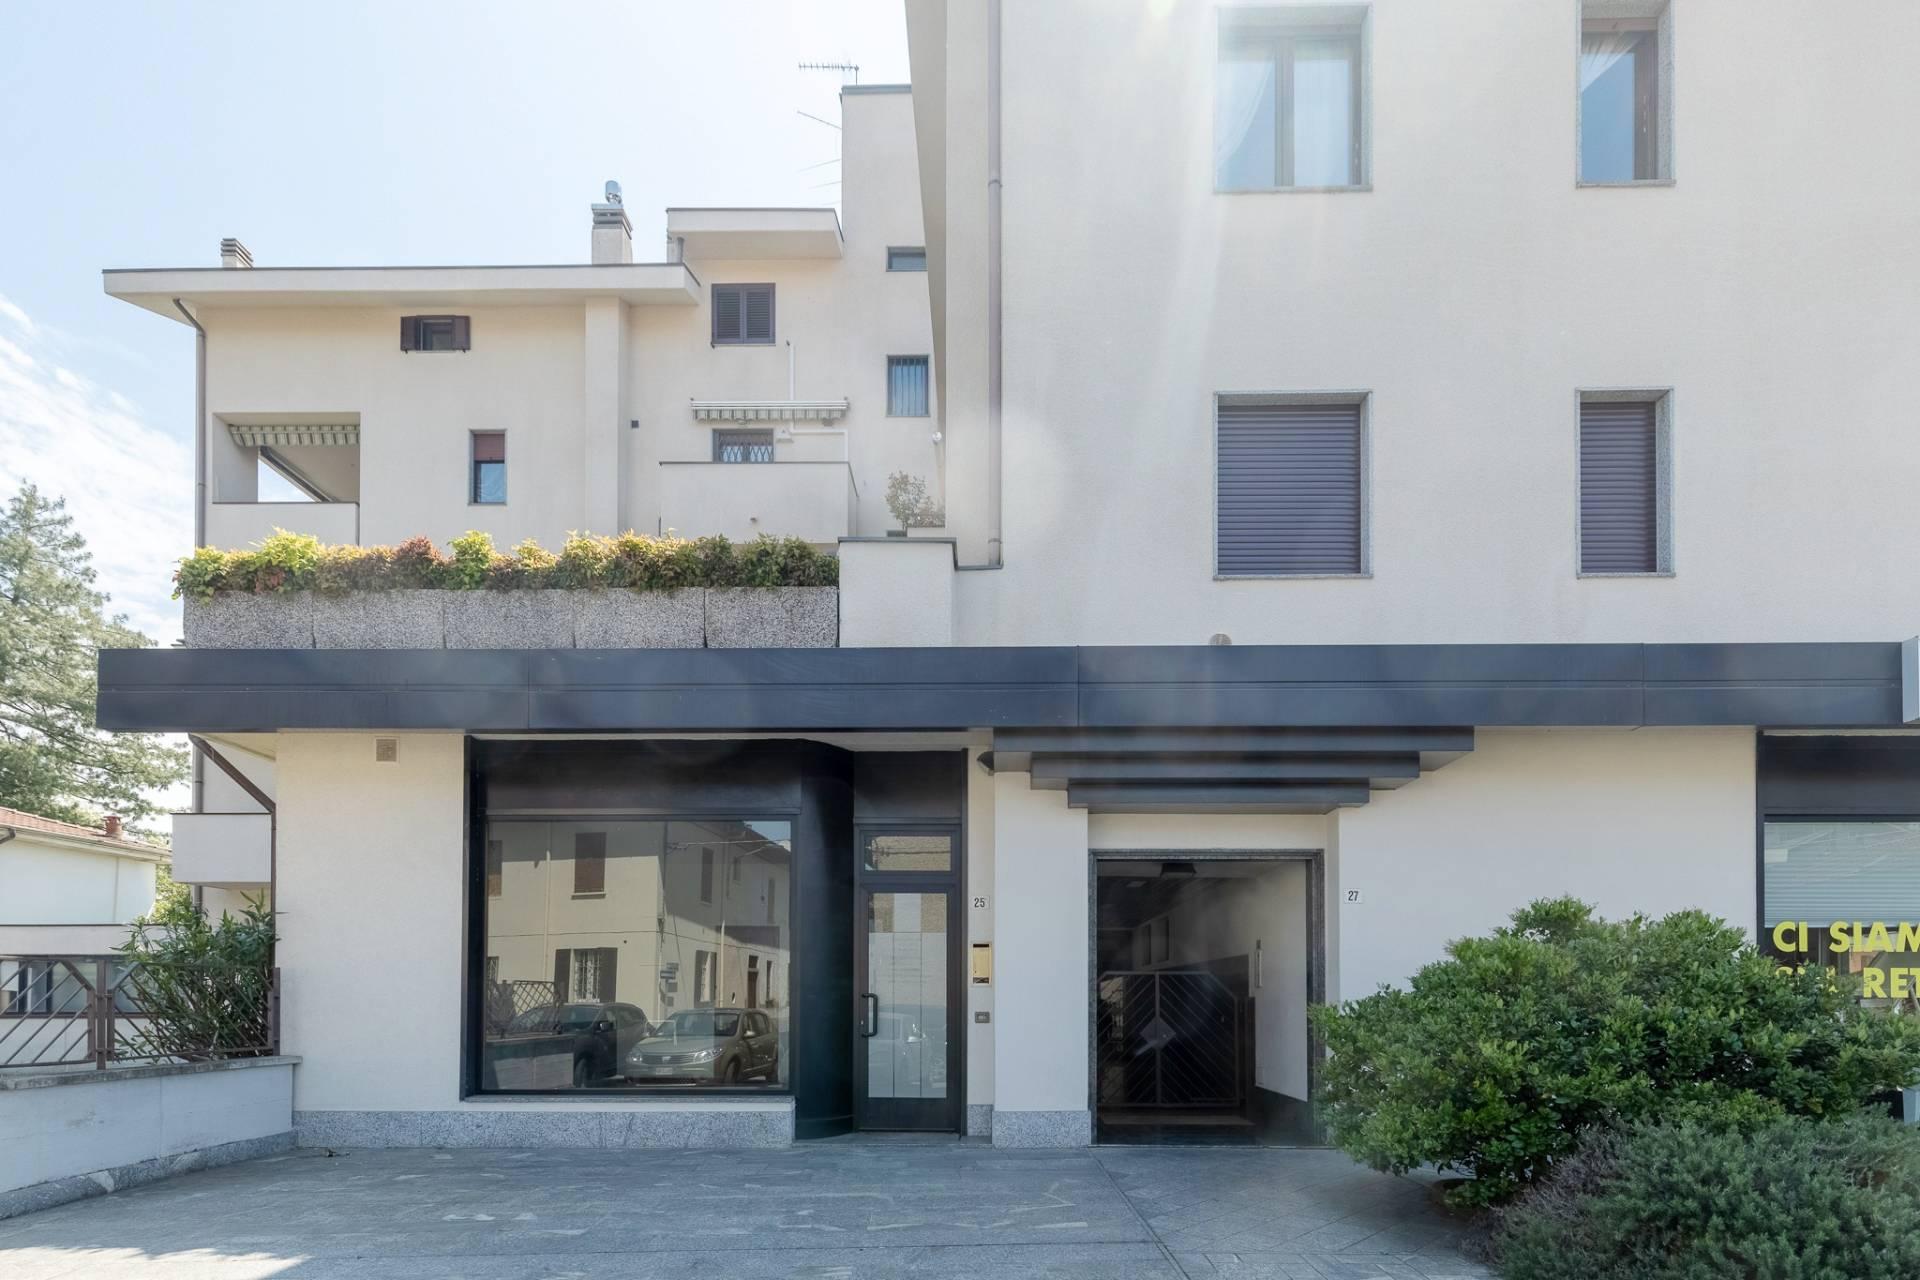 Vendita Ufficio diviso in ambienti/locali Ufficio Legnano 200553